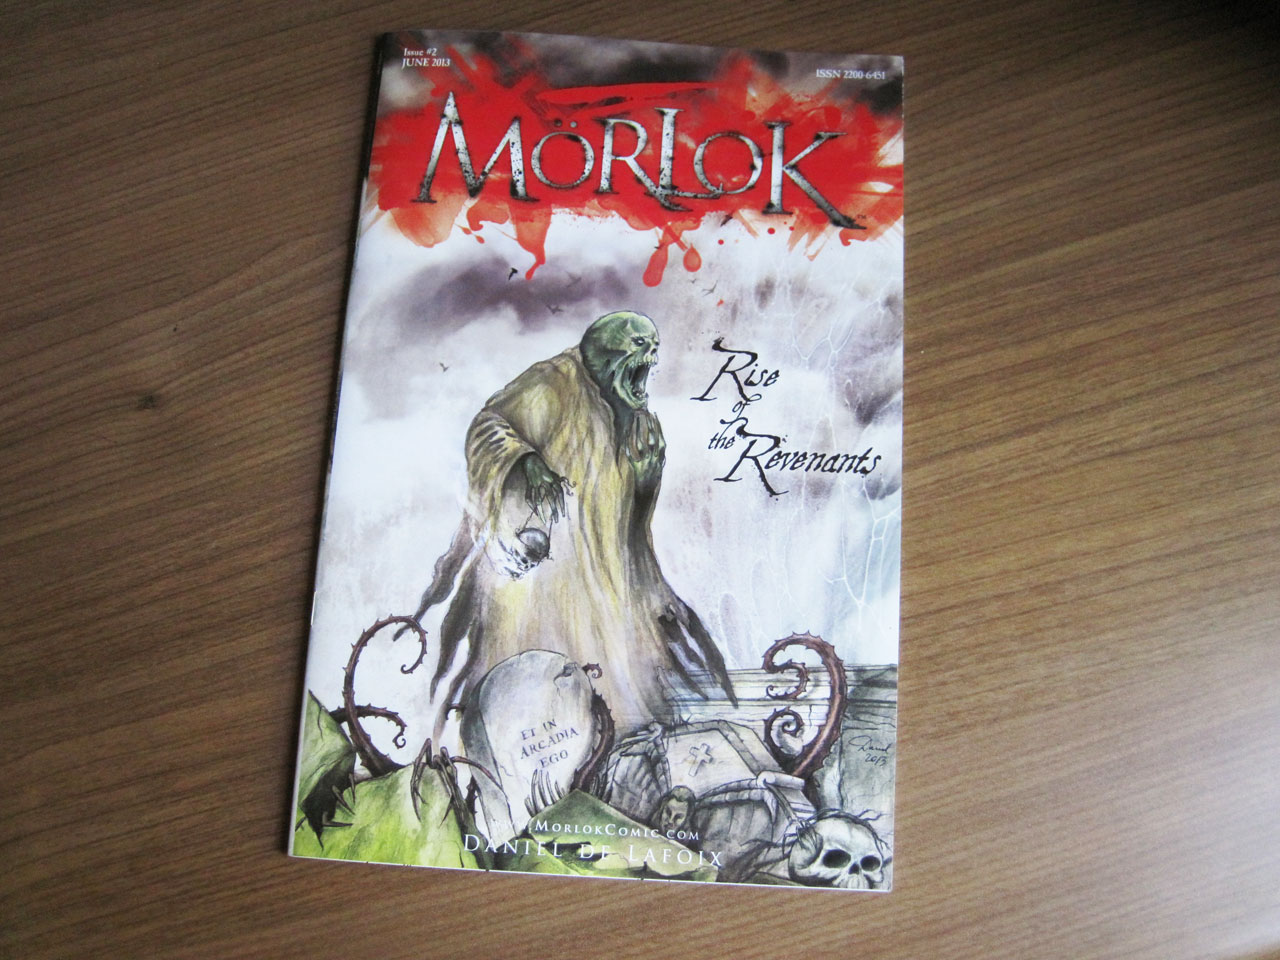 Morlok Issue 2 cover